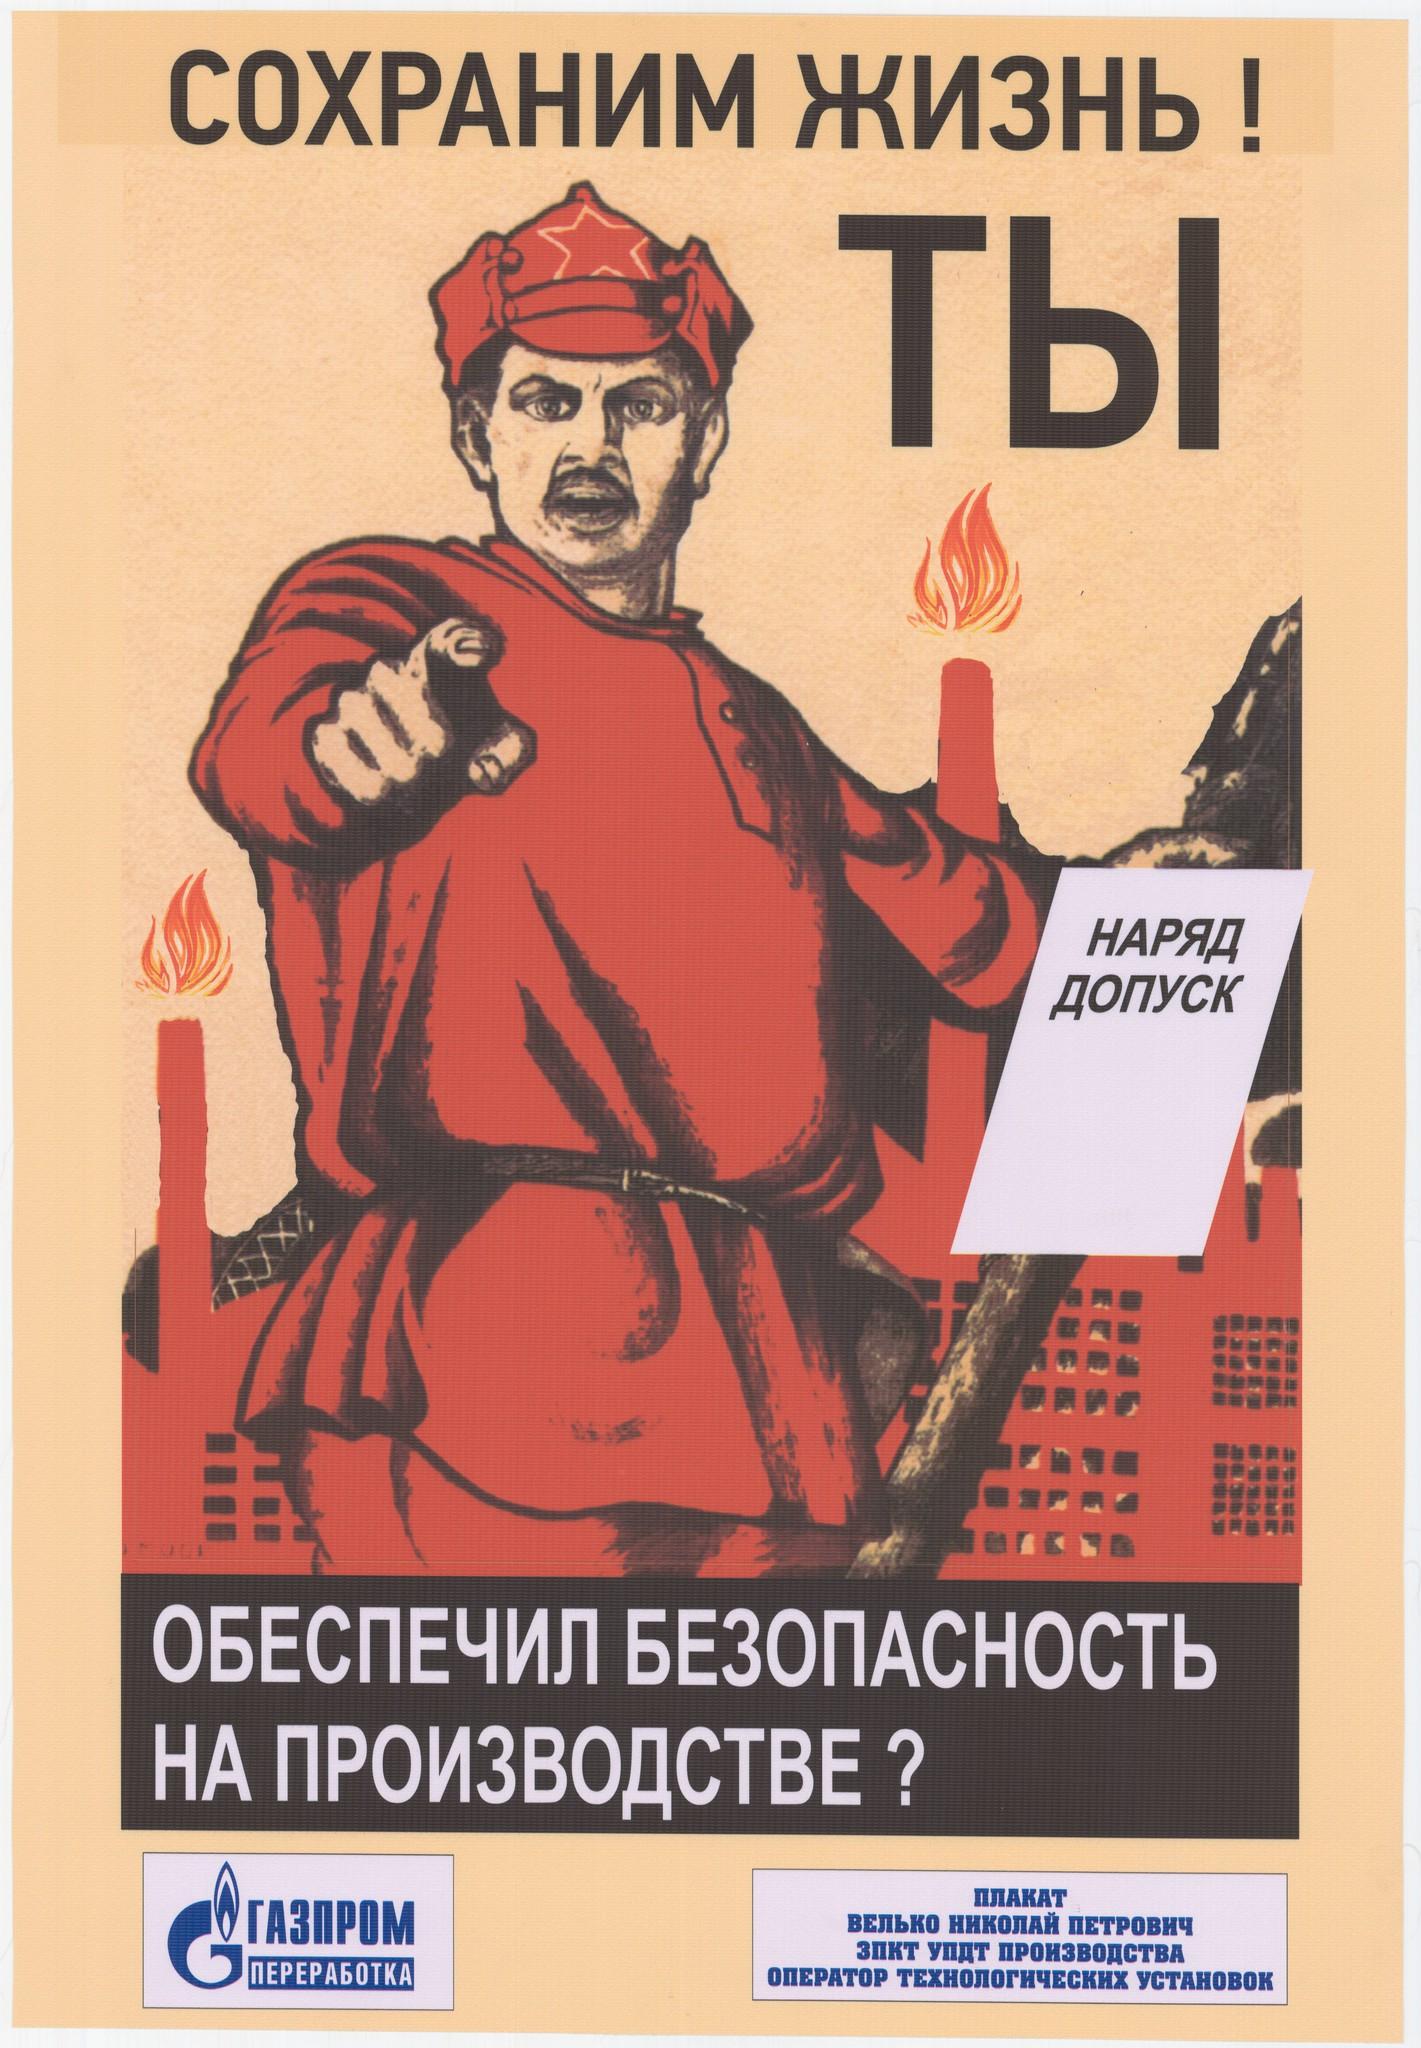 http://pererabotka.gazprom.ru/d/story/b8/184/11.jpg